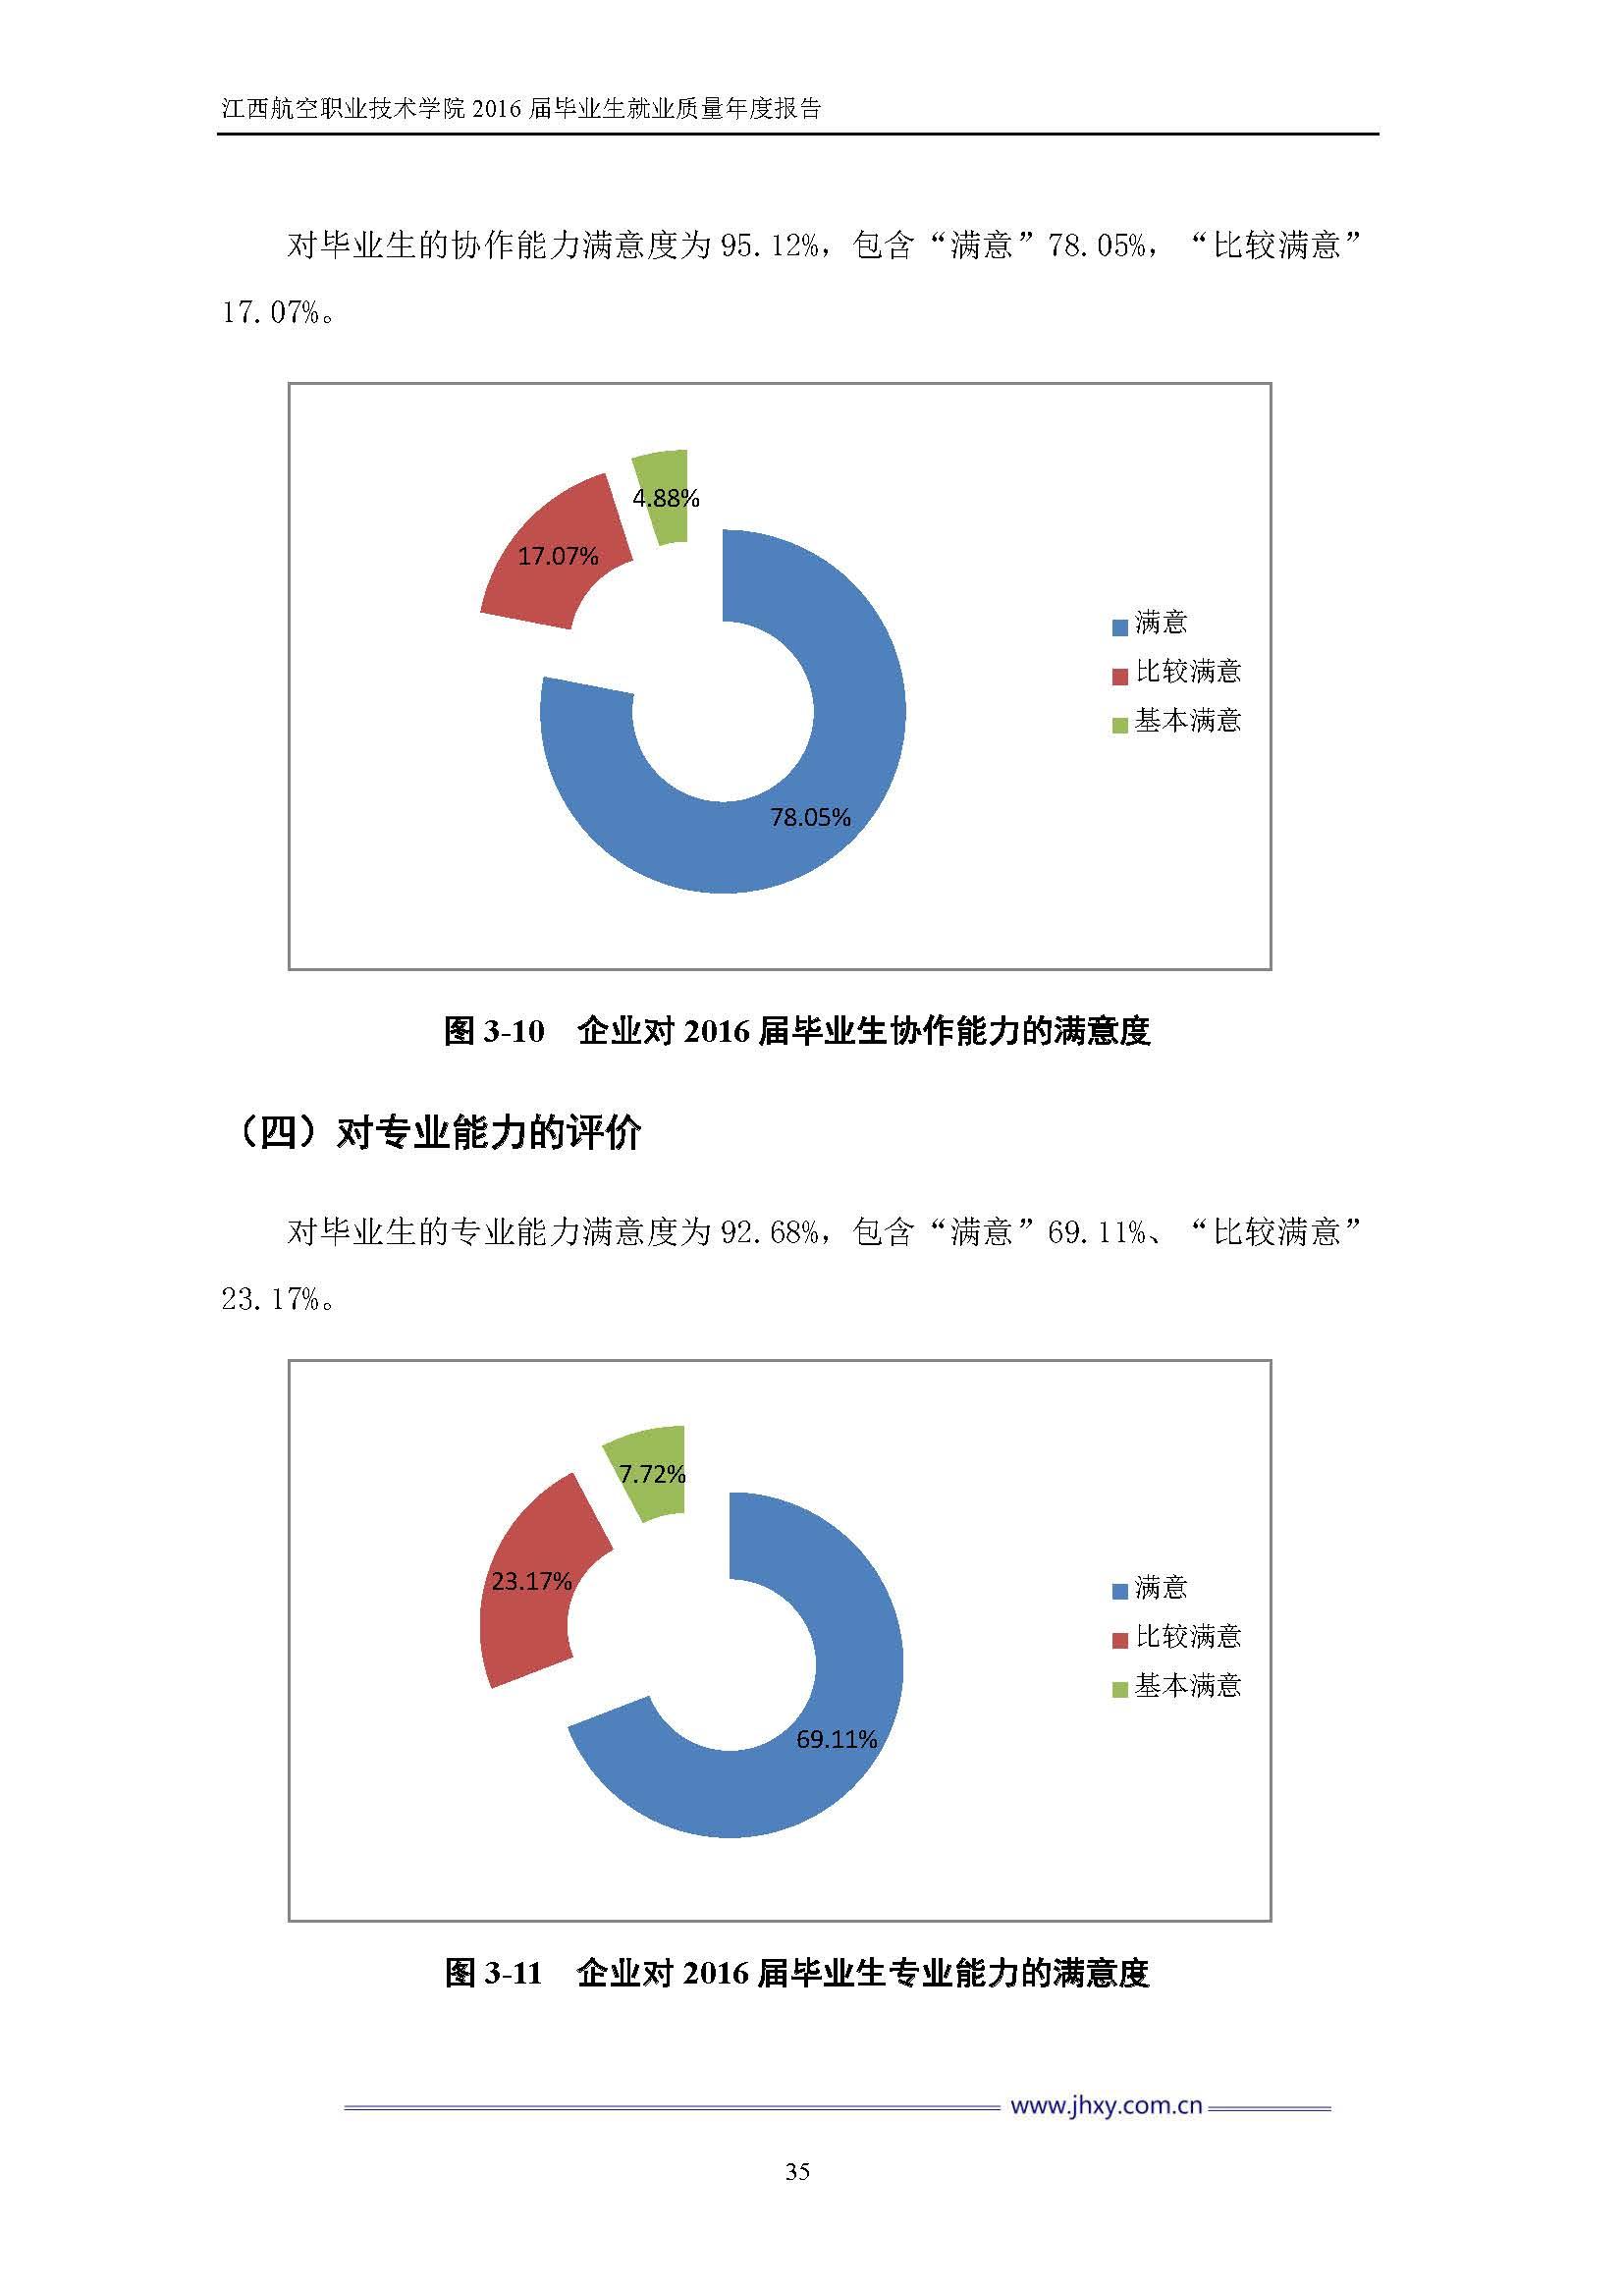 江西航空职业技术学院2016届毕业生就业质量年度报告_Page_42.jpg